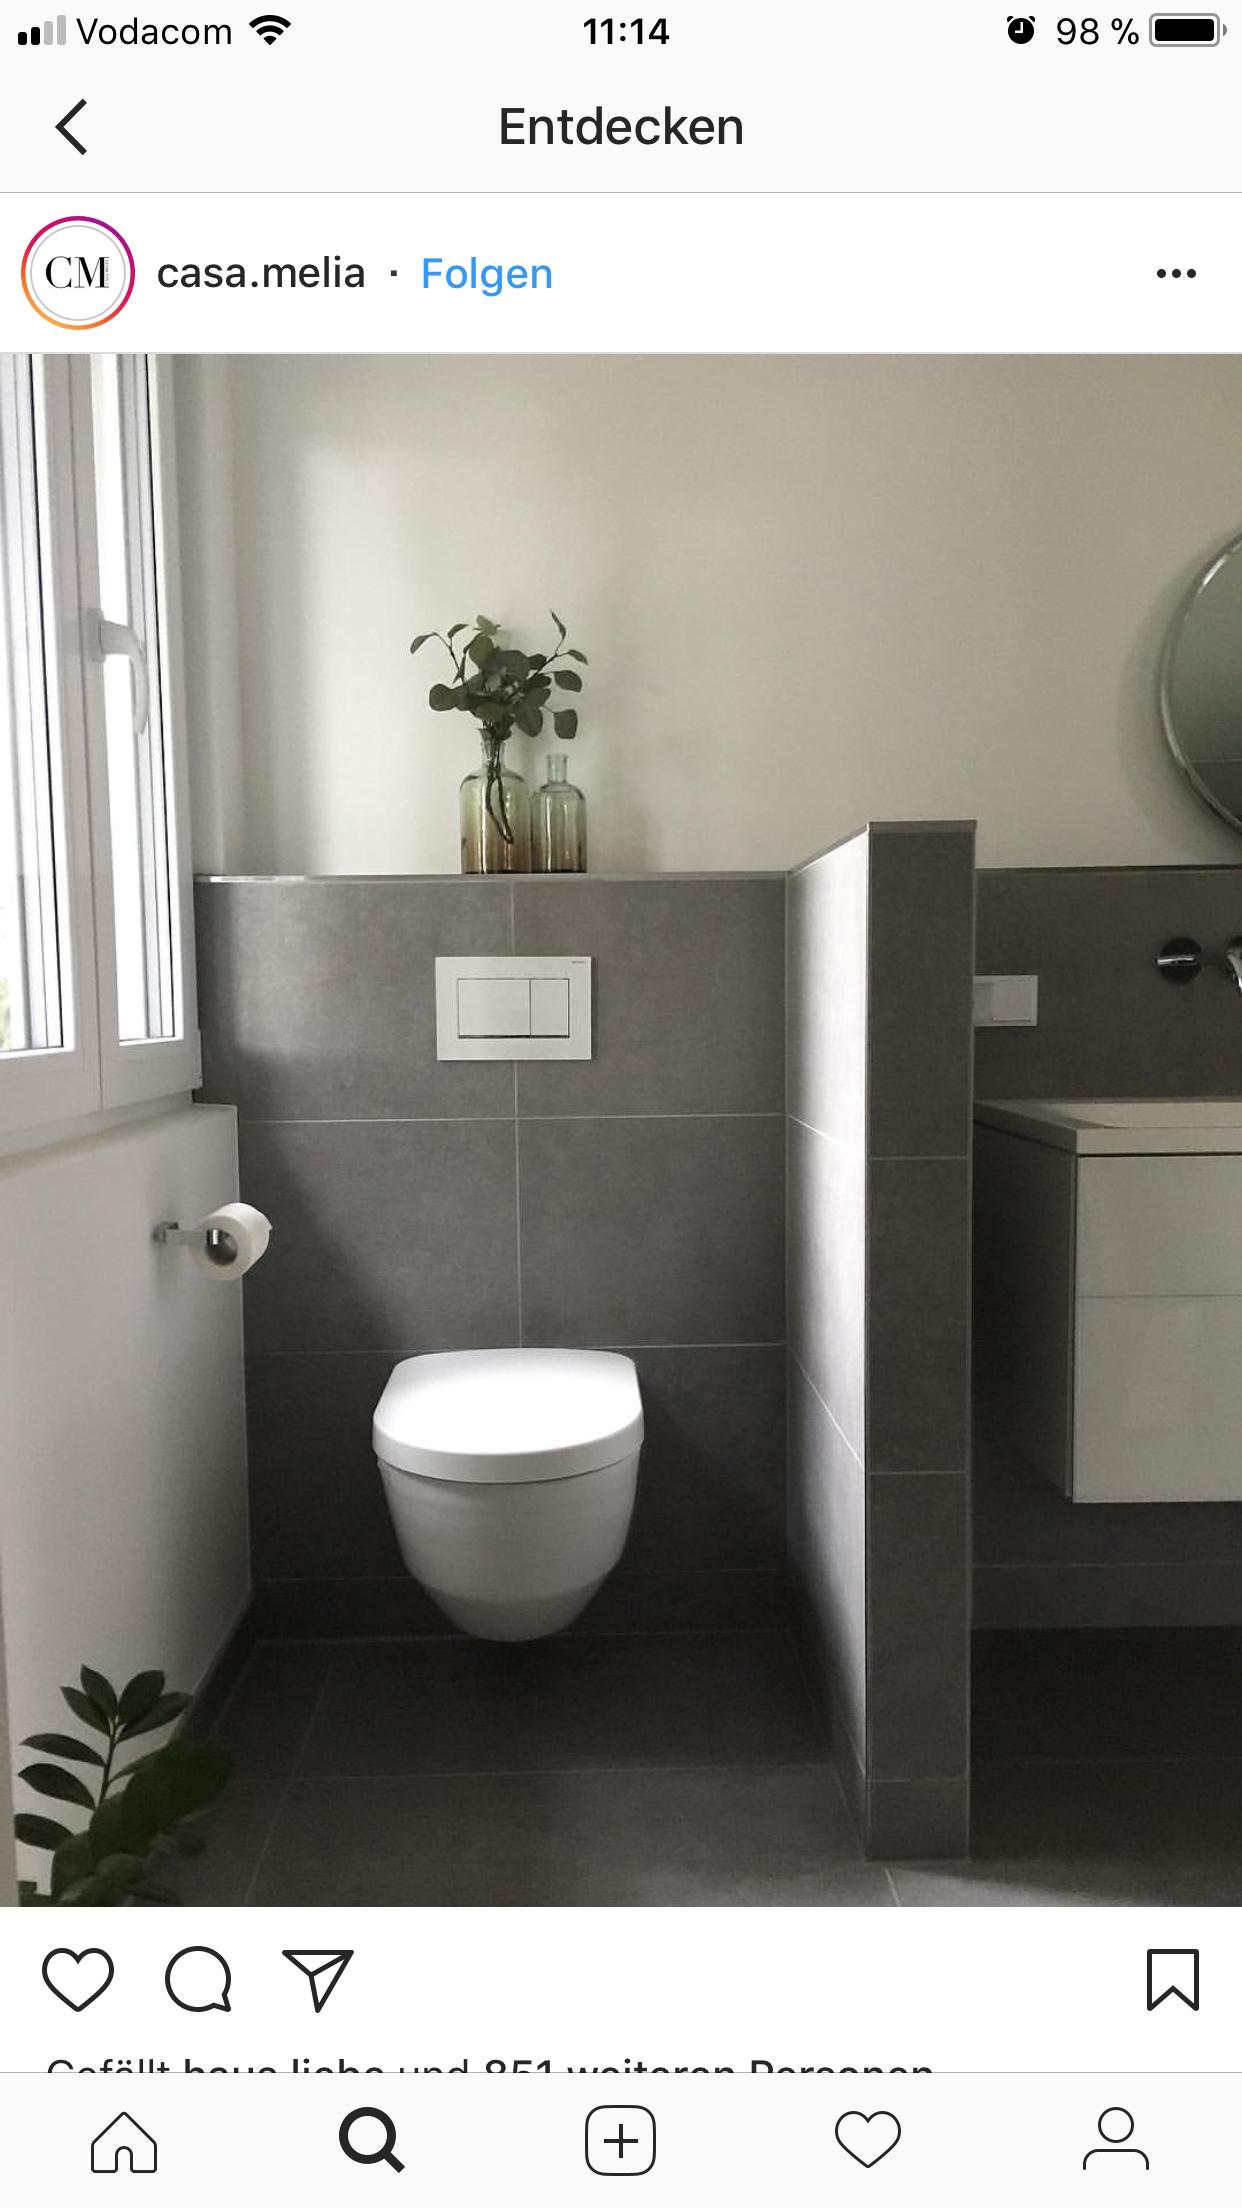 Delici Stena Badezimmerideen Badezimmer Badezimmer Einrichtung